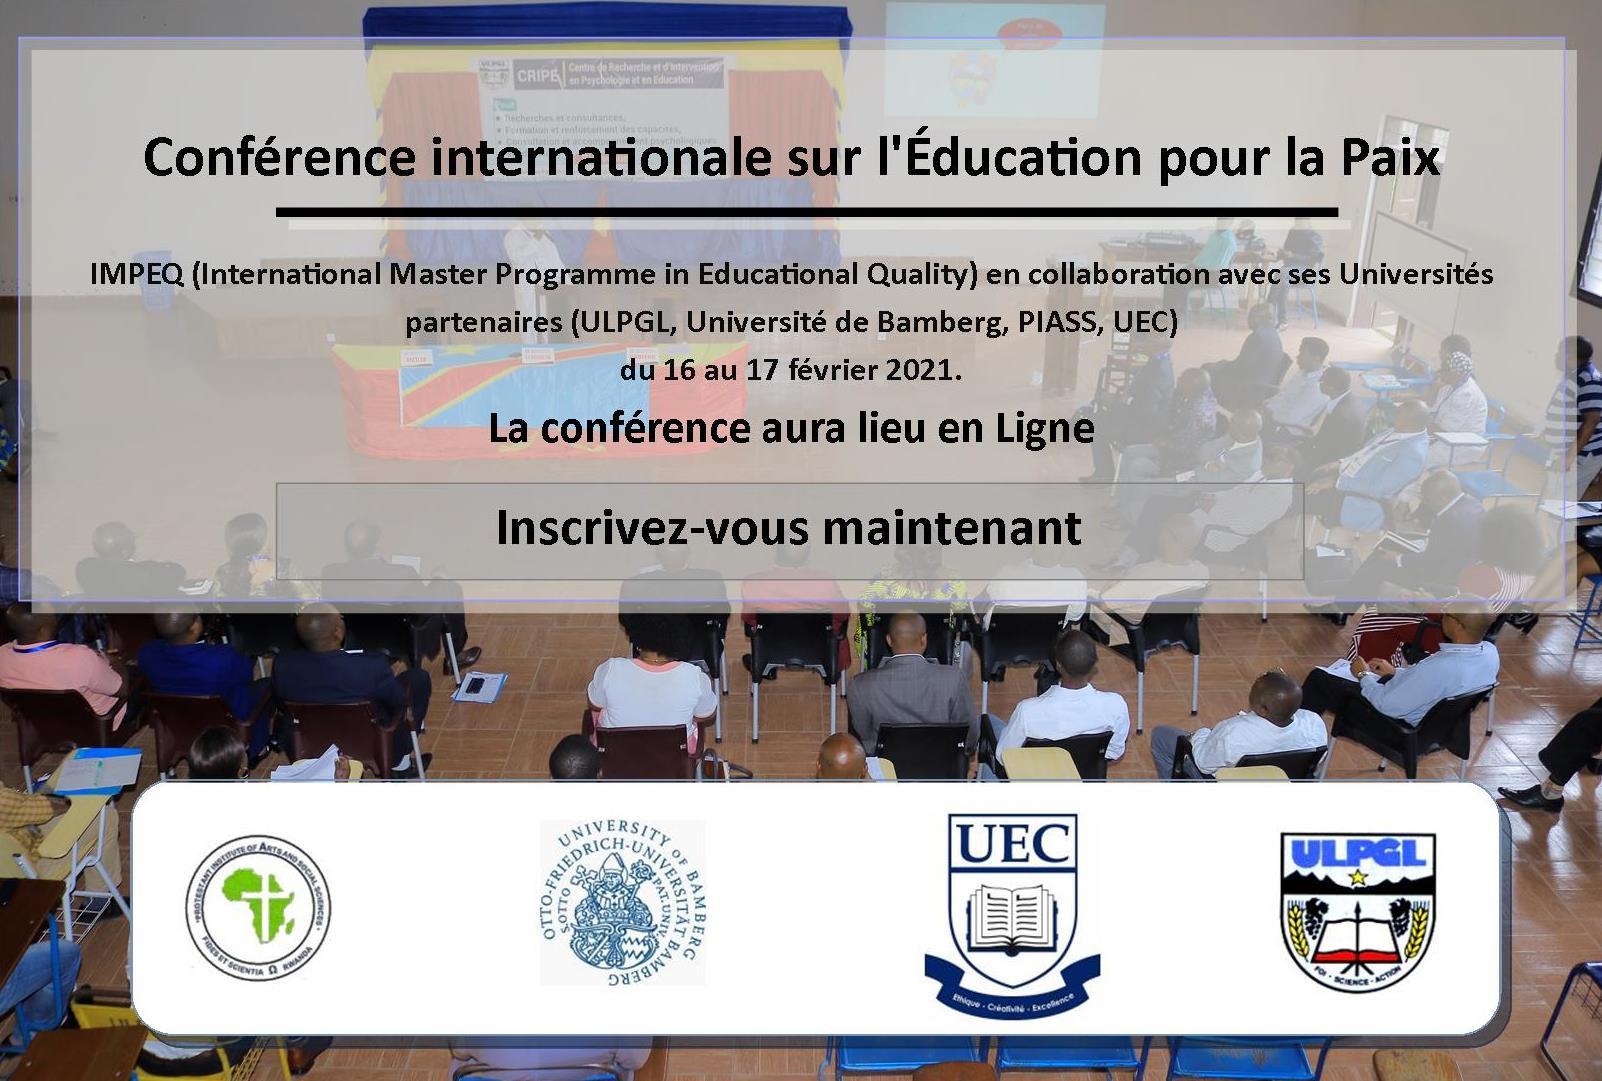 Conférence internationale sur l'Éducation pour la Paix